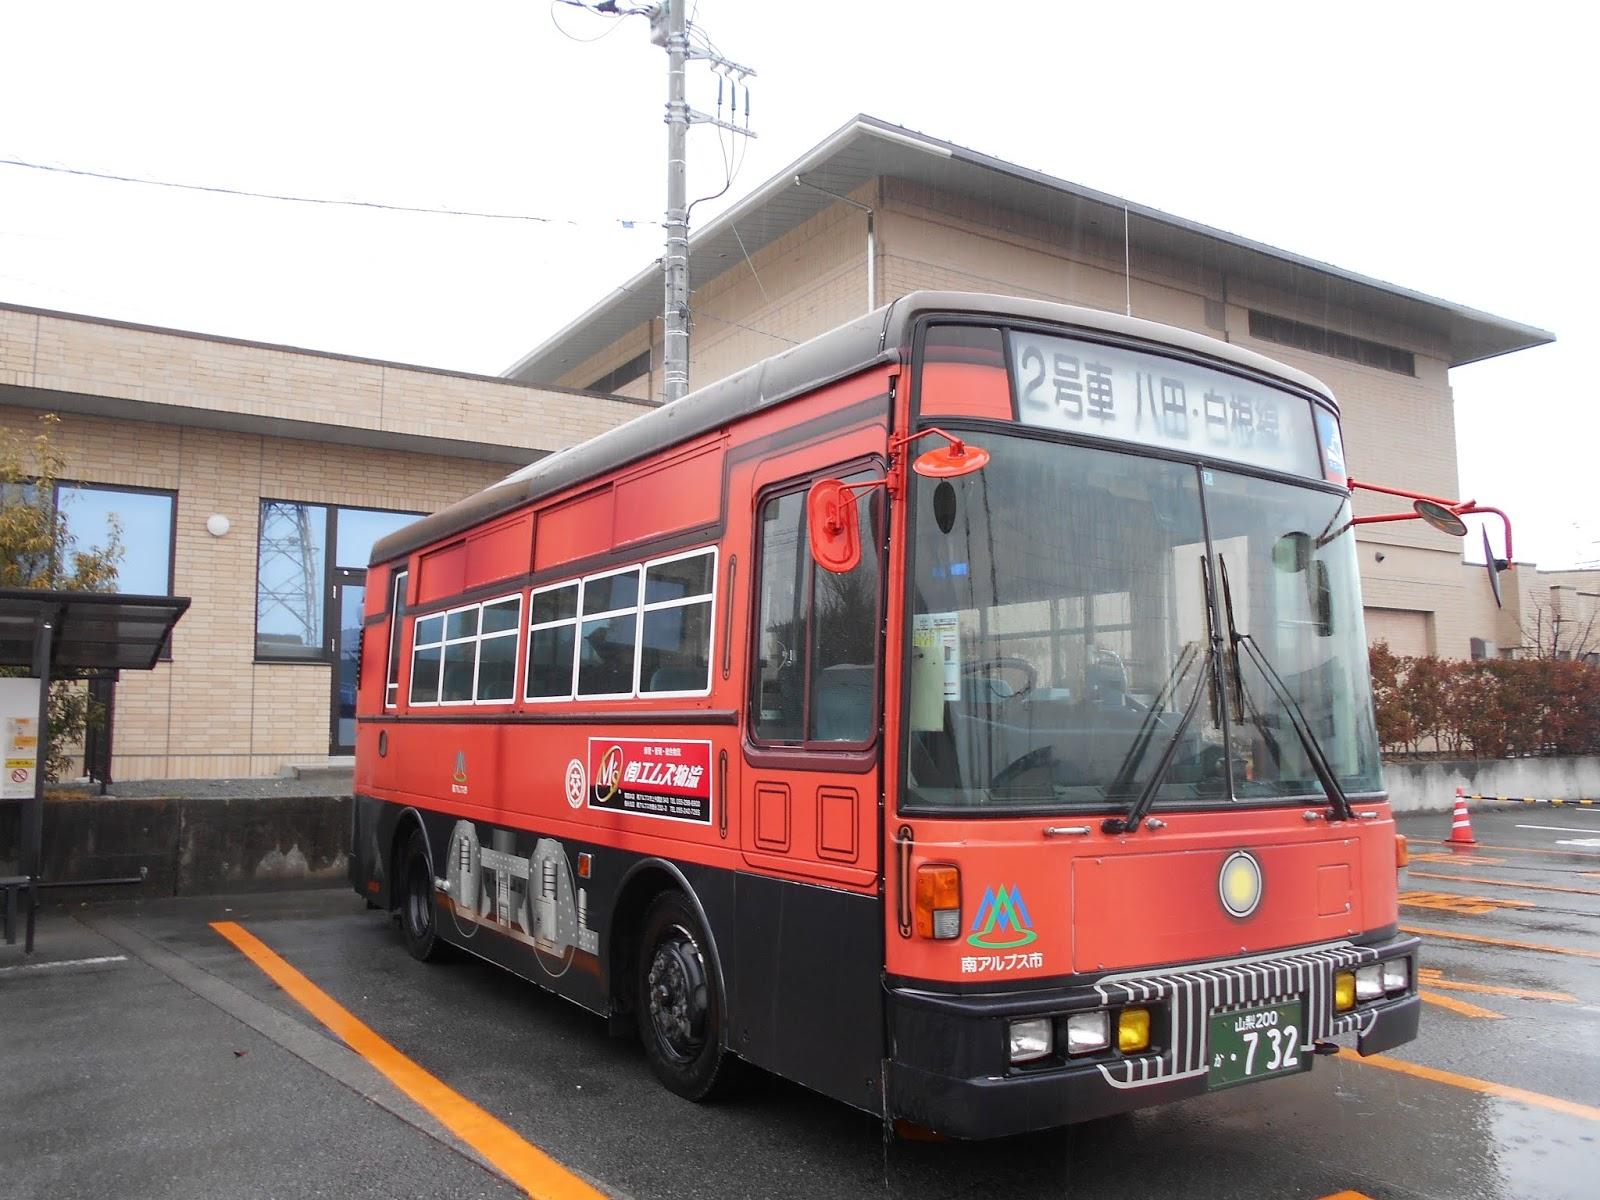 エムズのブログ: 南アルプス市コミュニティバス